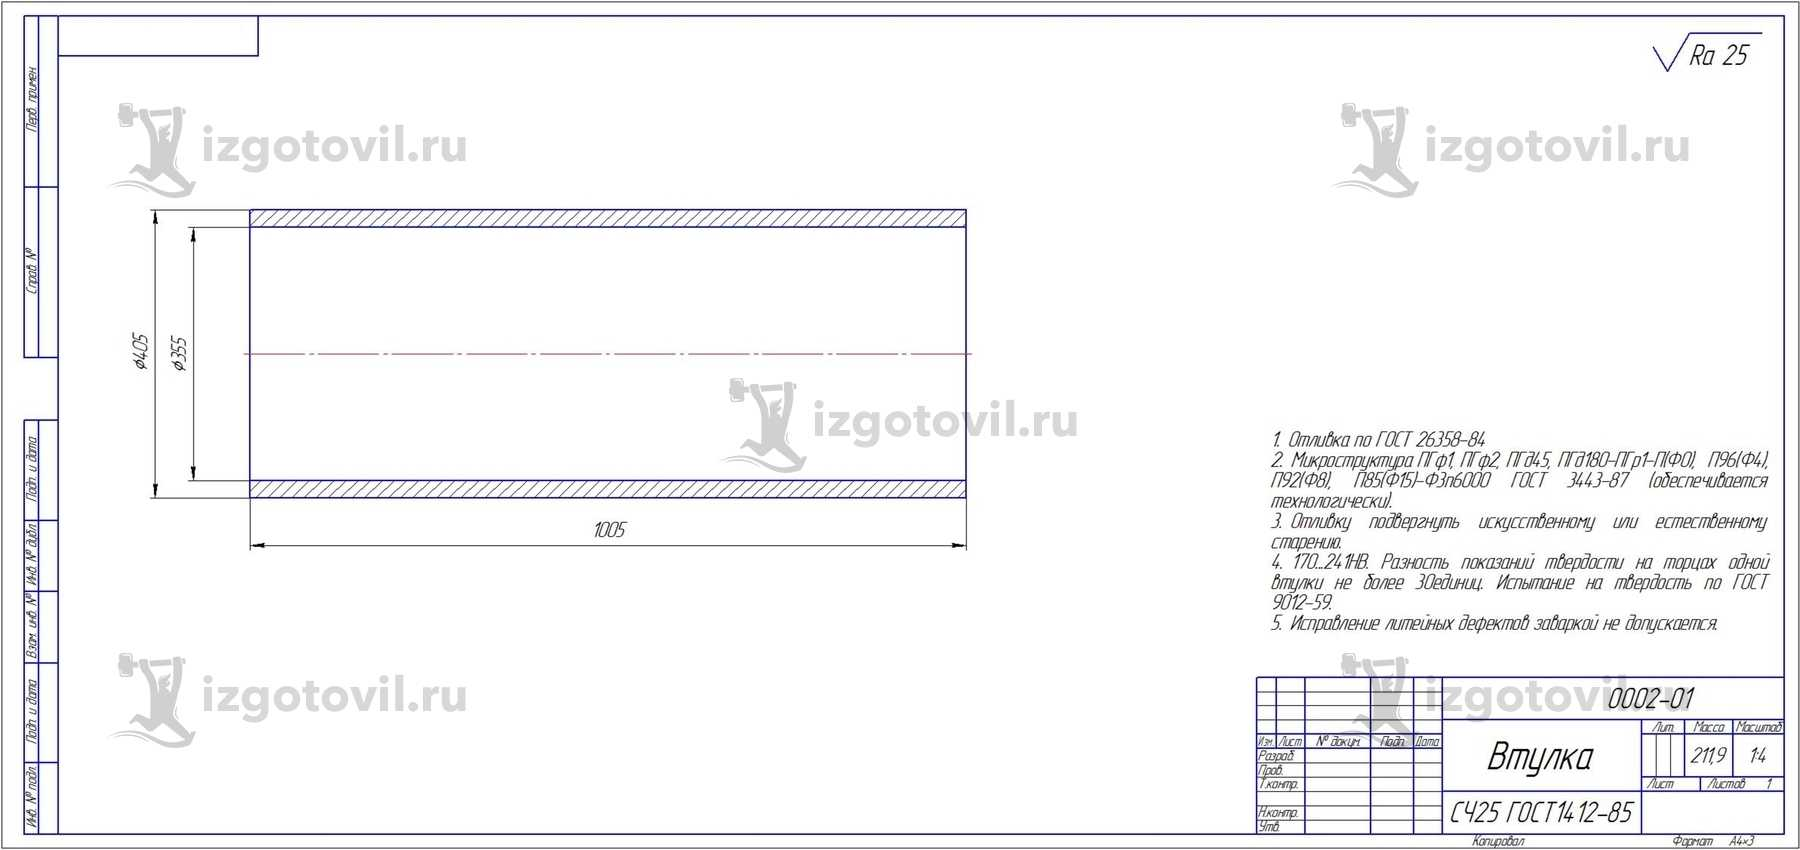 Литейное производство - изготовление втулок